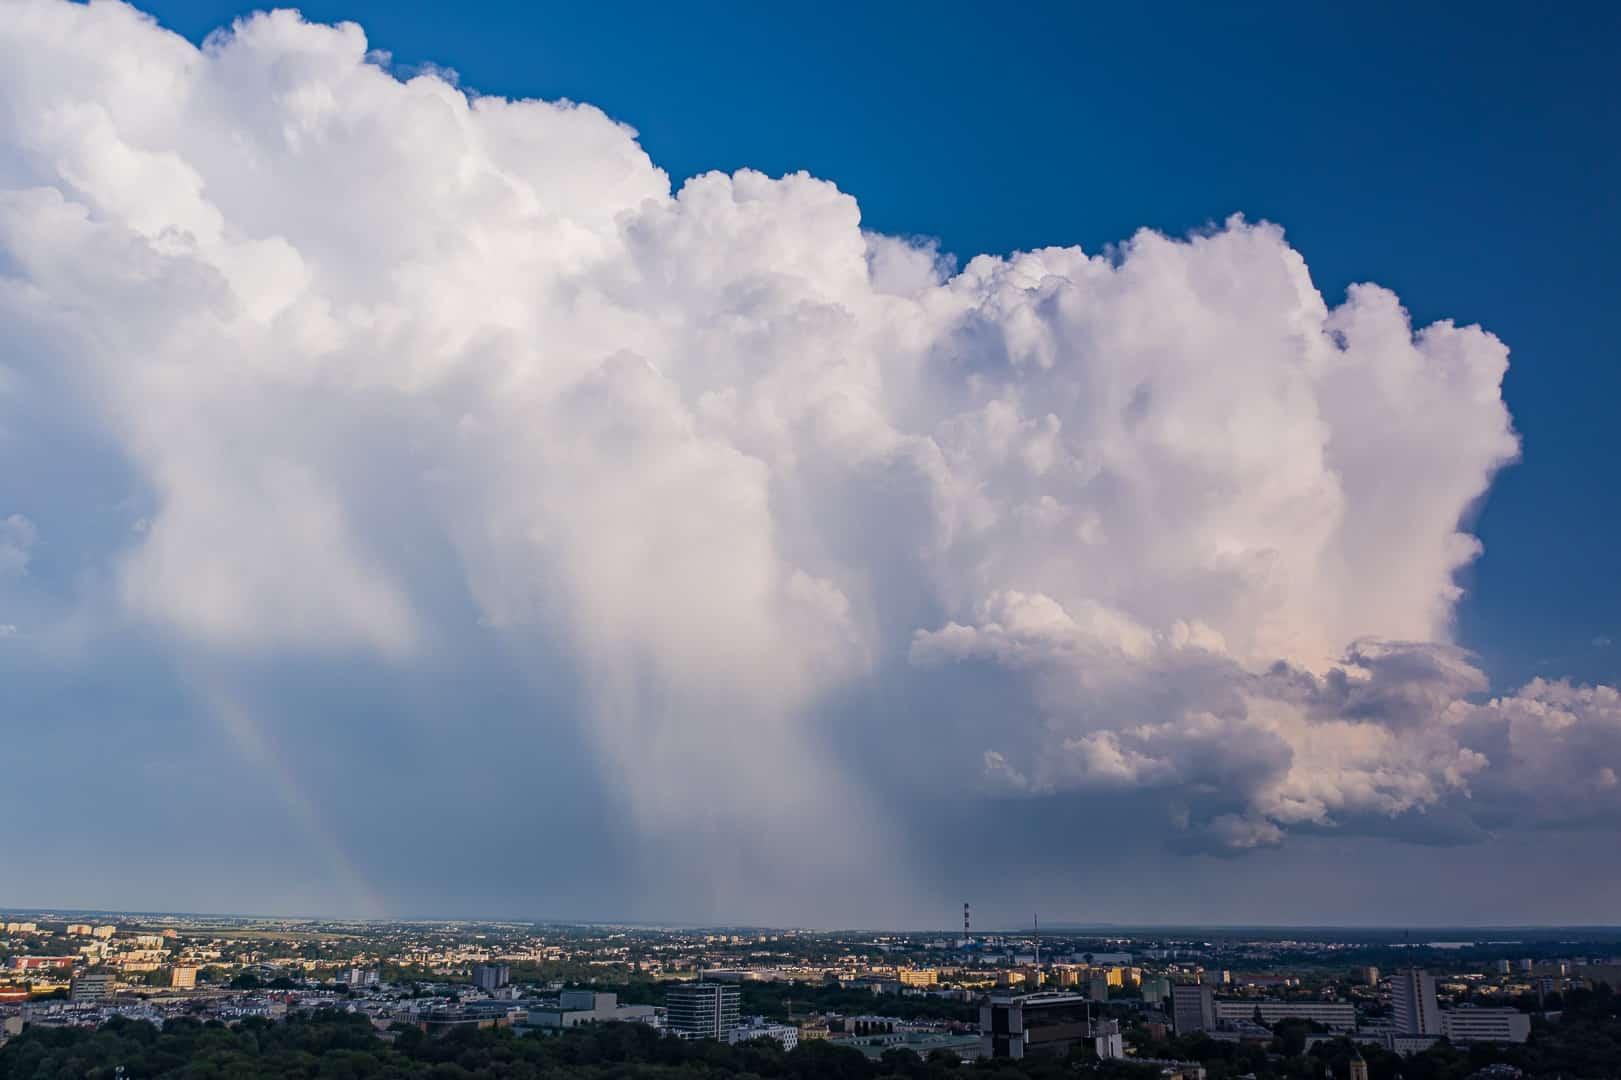 """Pogoda. Gwałtowne, niszczące burze nad Polską. Pojawił się na radarze IMGW """"kolec gradowy"""" - Fani Pogody"""